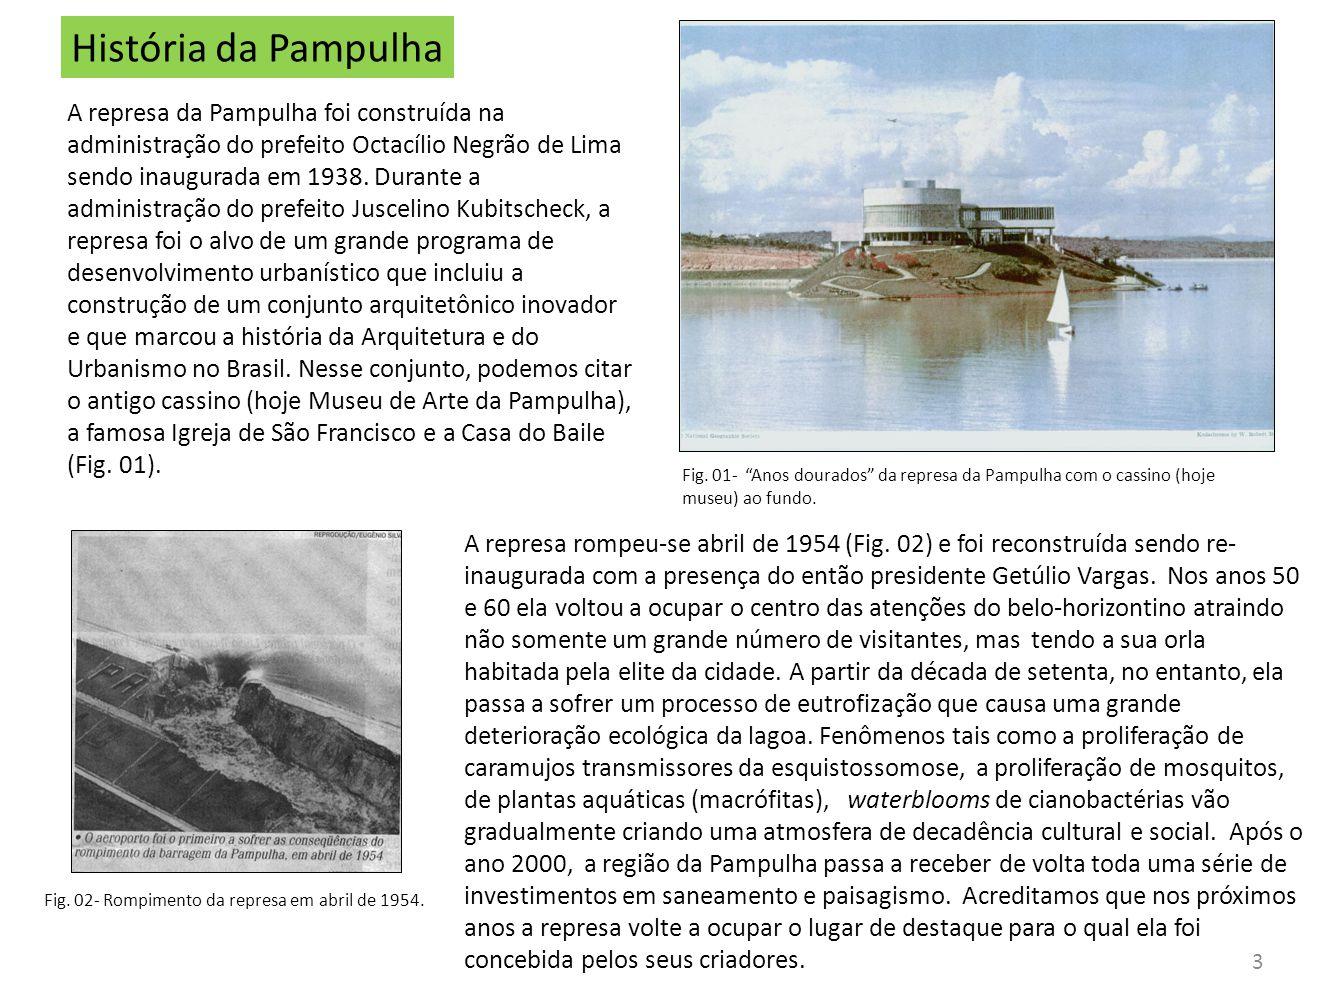 3 História da Pampulha A represa da Pampulha foi construída na administração do prefeito Octacílio Negrão de Lima sendo inaugurada em 1938. Durante a